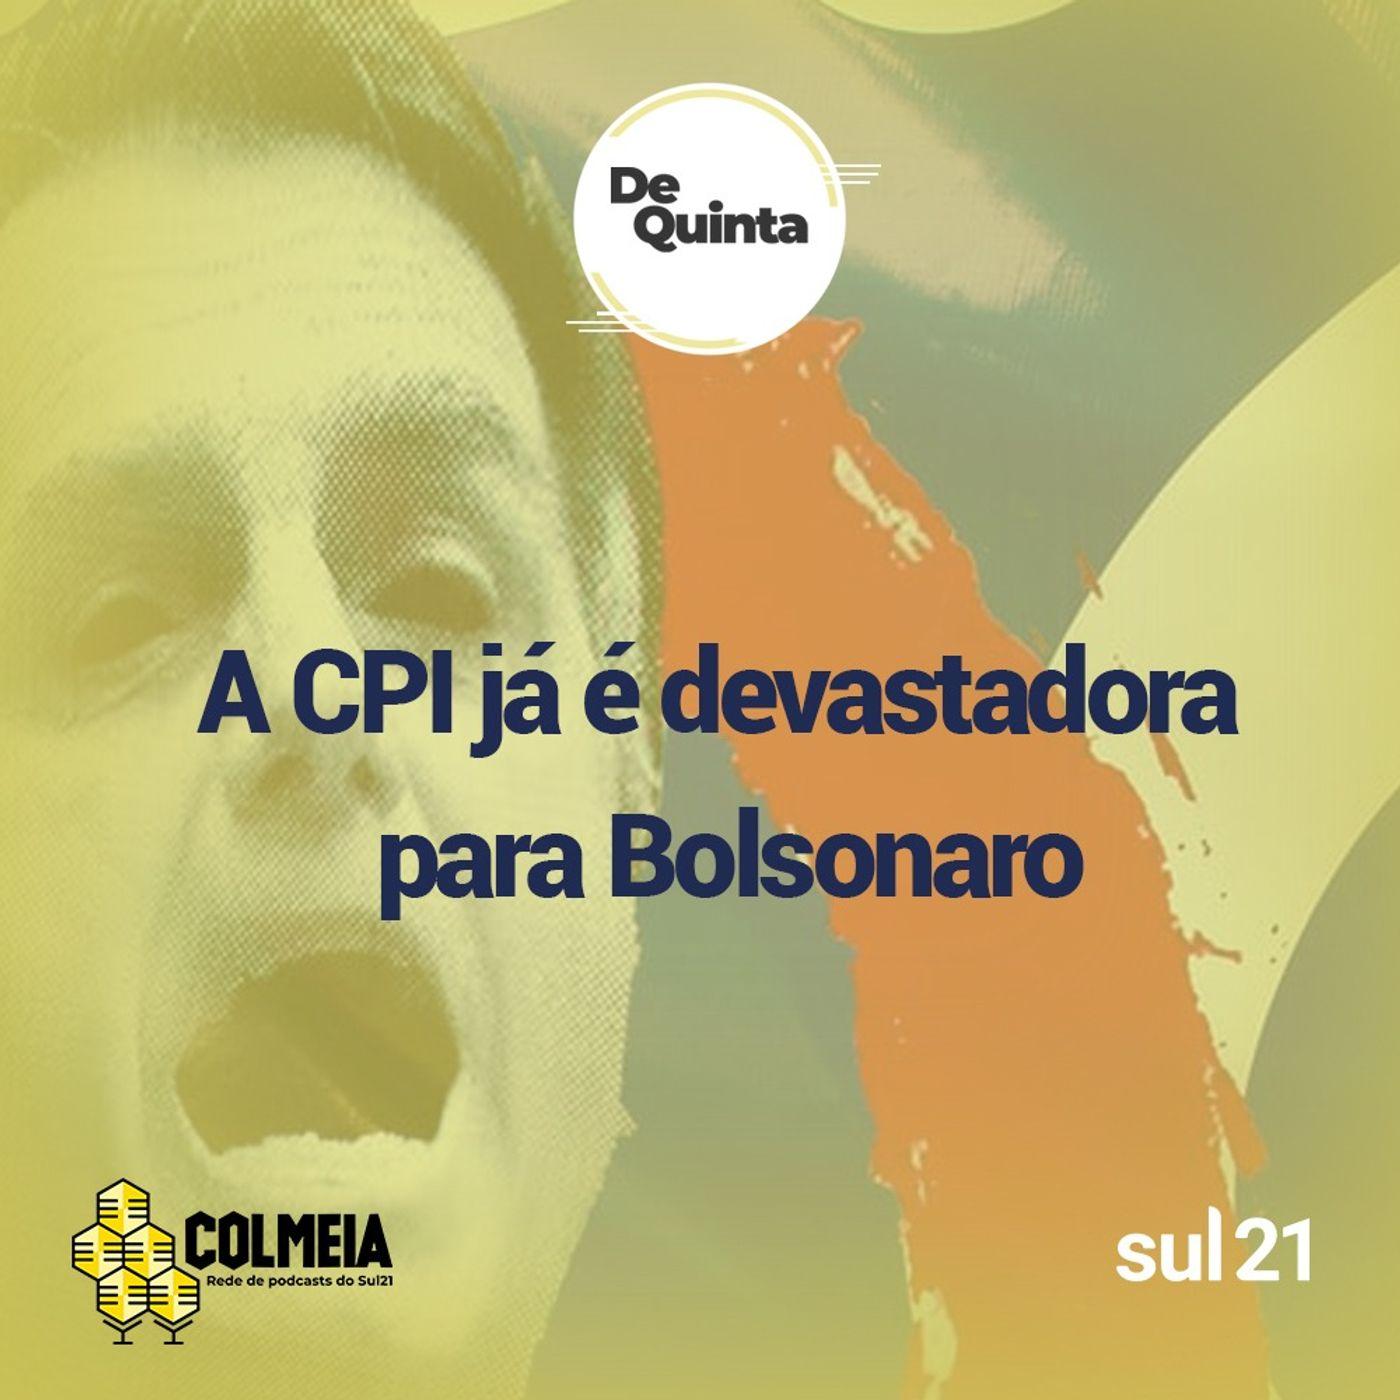 De Quinta ep.46: A CPI já é devastadora para Bolsonaro